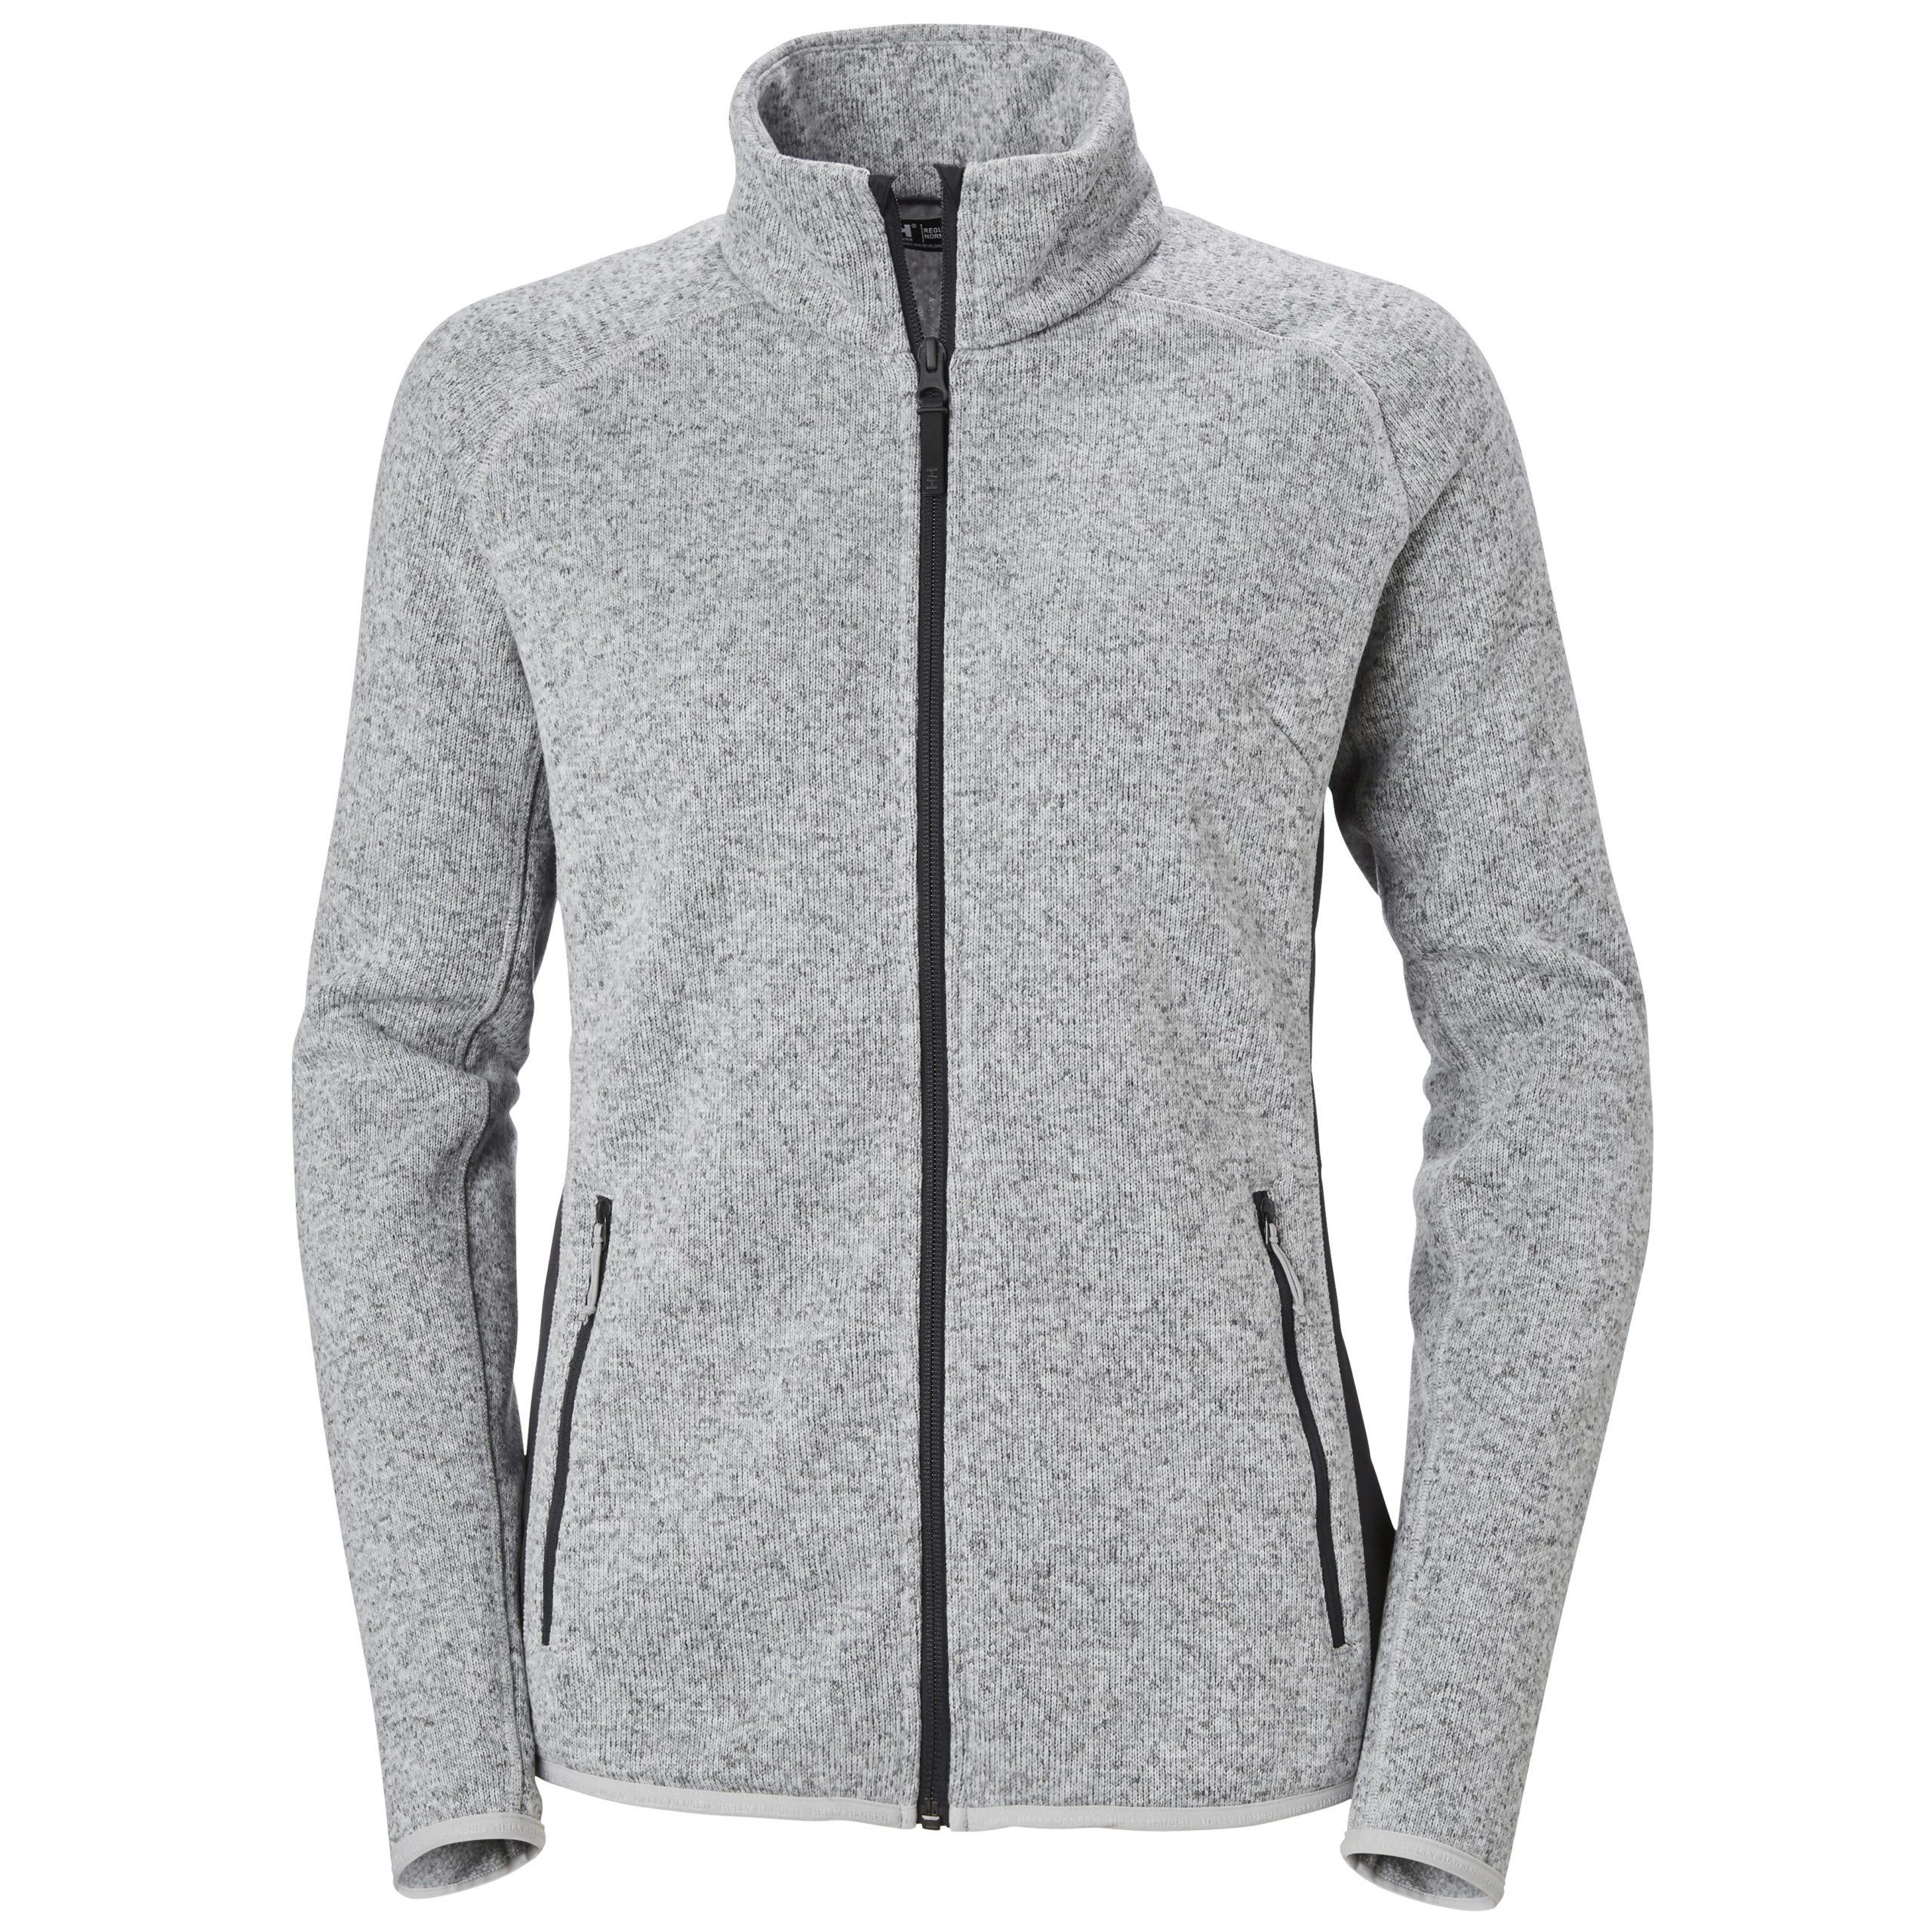 Helly Hansen Varde Fleece Jacket Chaqueta para mujer Mujer